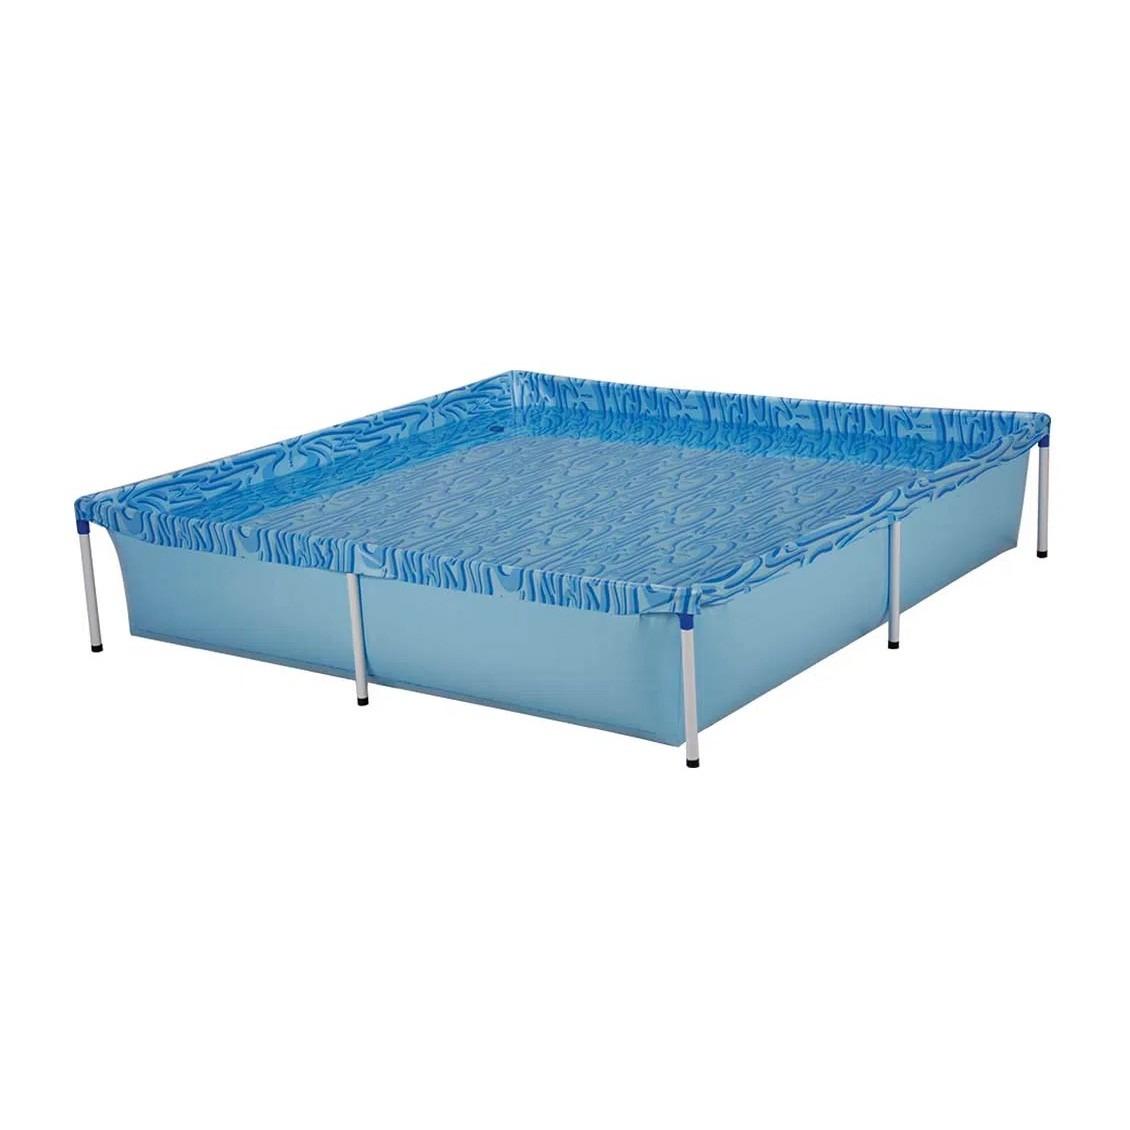 Piscina infantil 1.500 litros